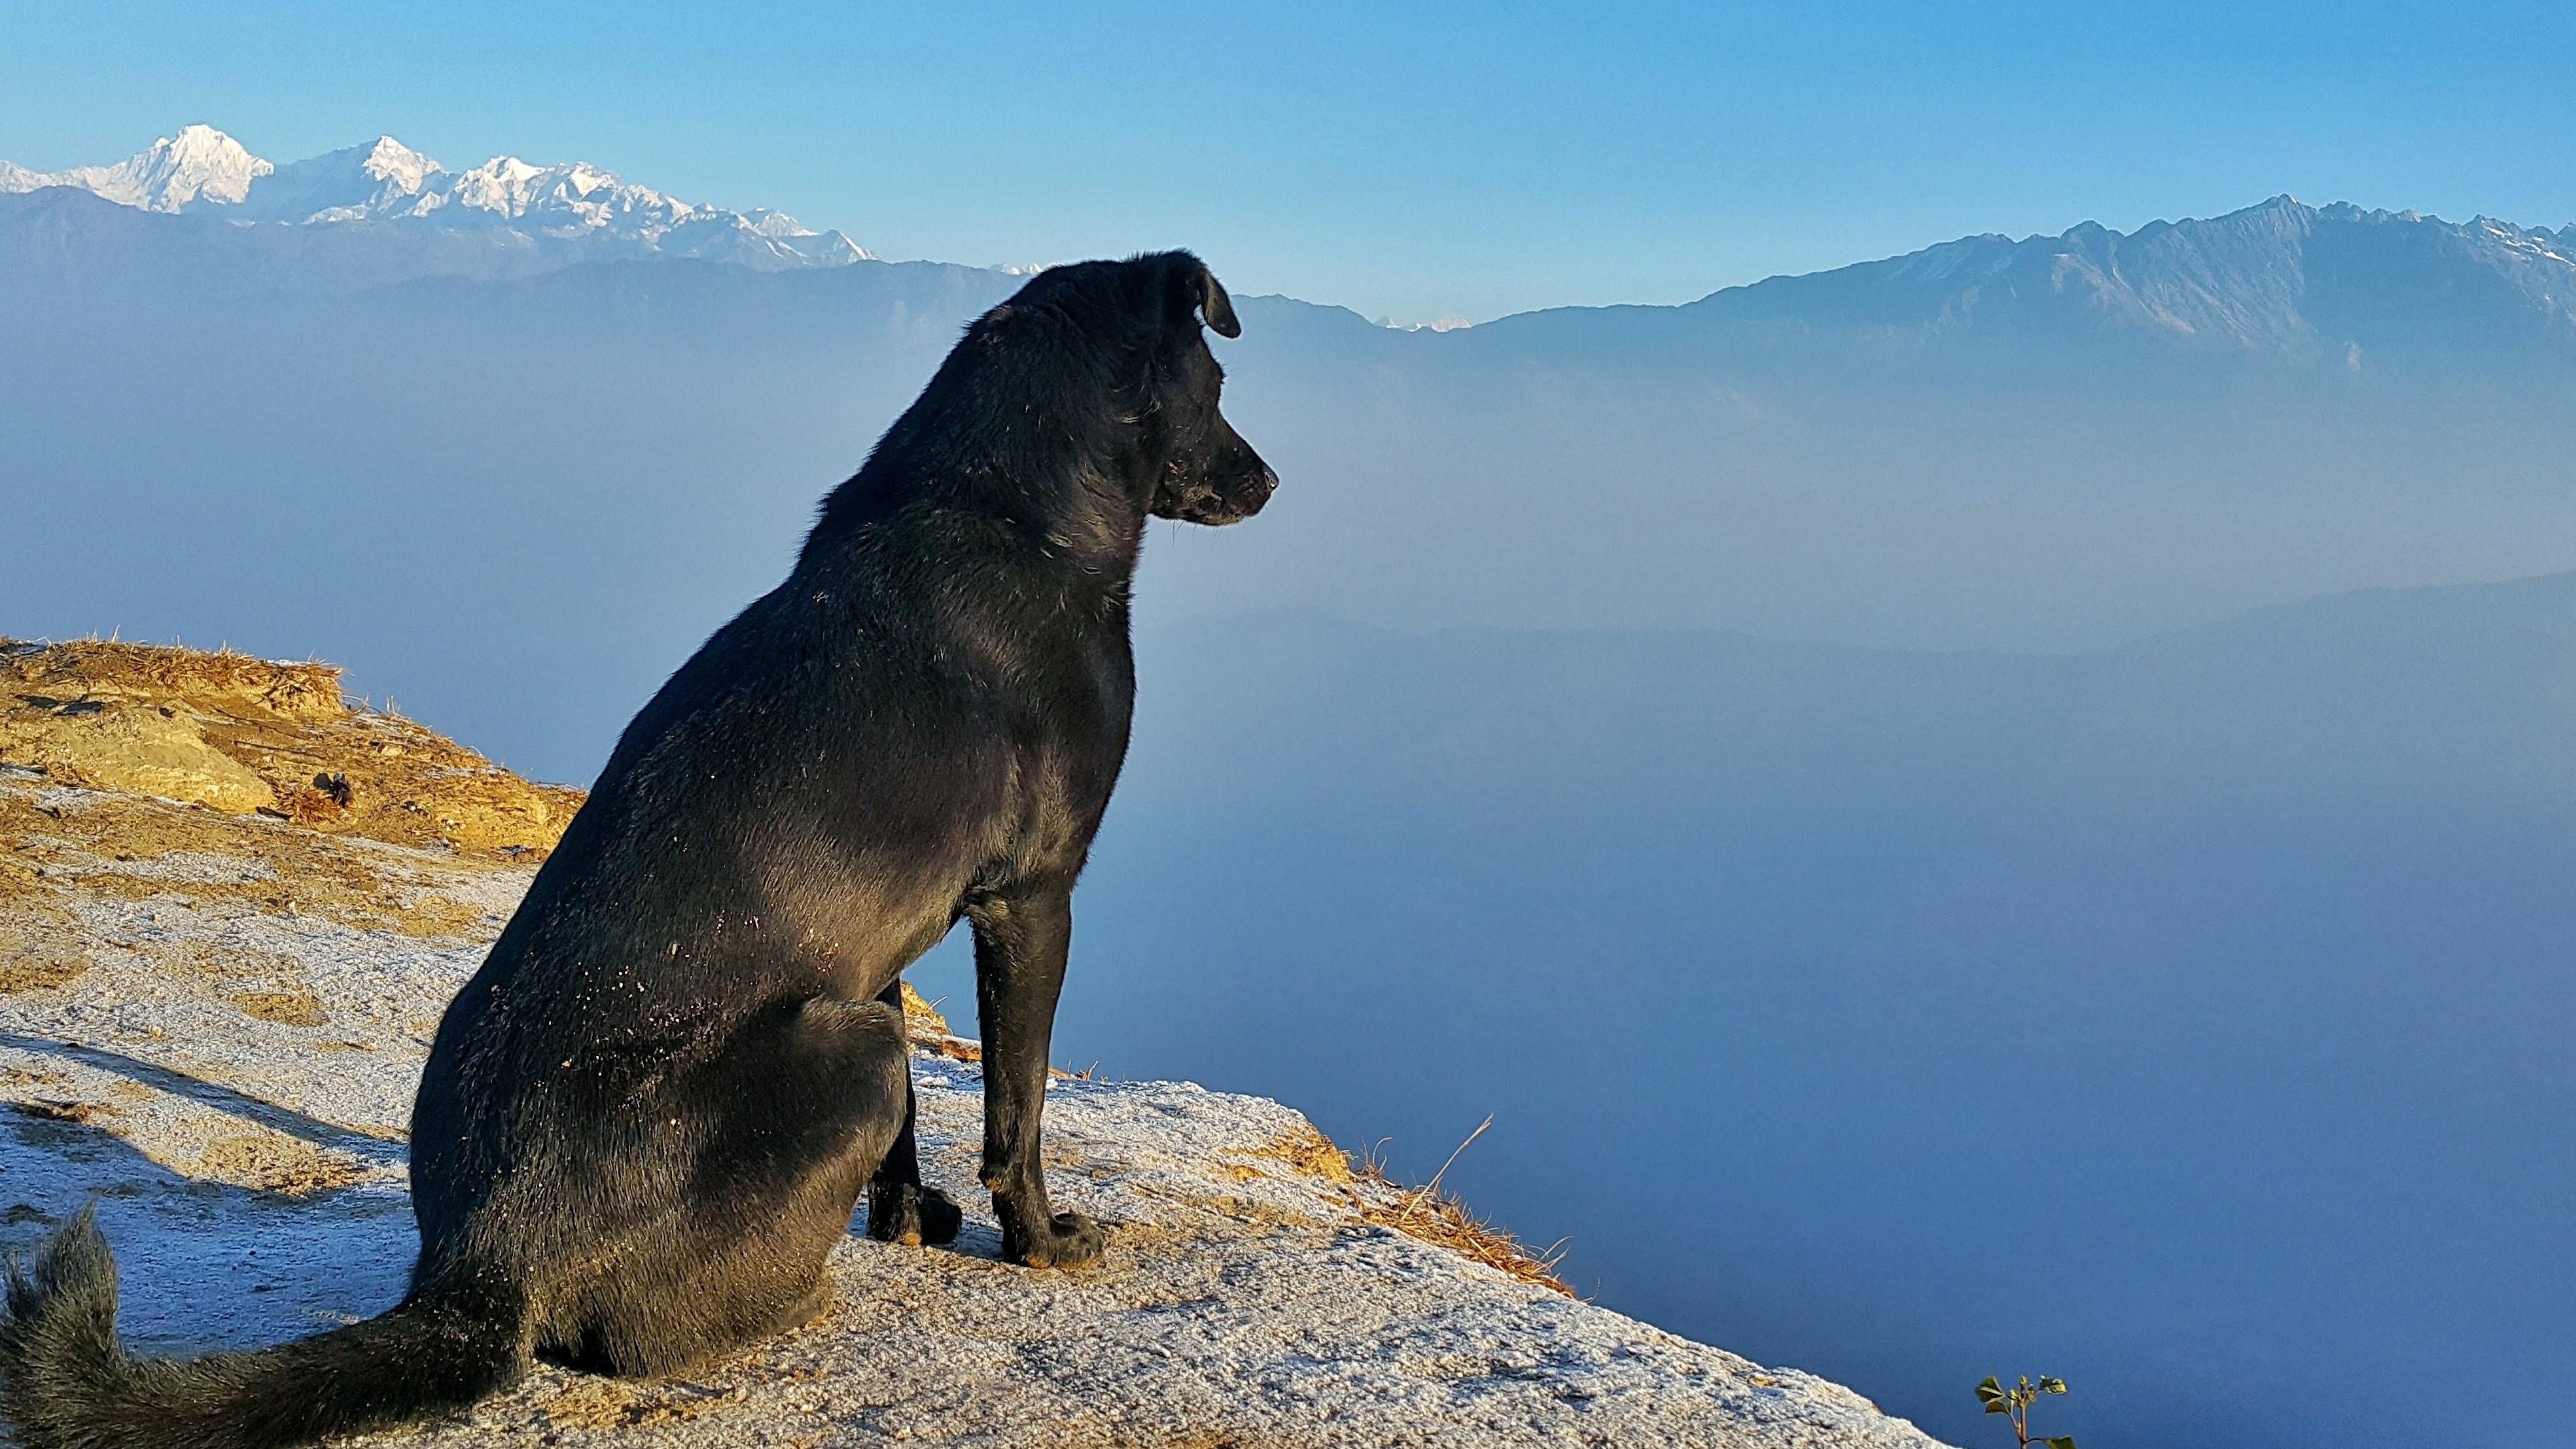 ekinokokkilääkitys, heisimato, myyräekinokokki, koiran kanssa matkustaminen, matkustaminen Pohjoismaissa